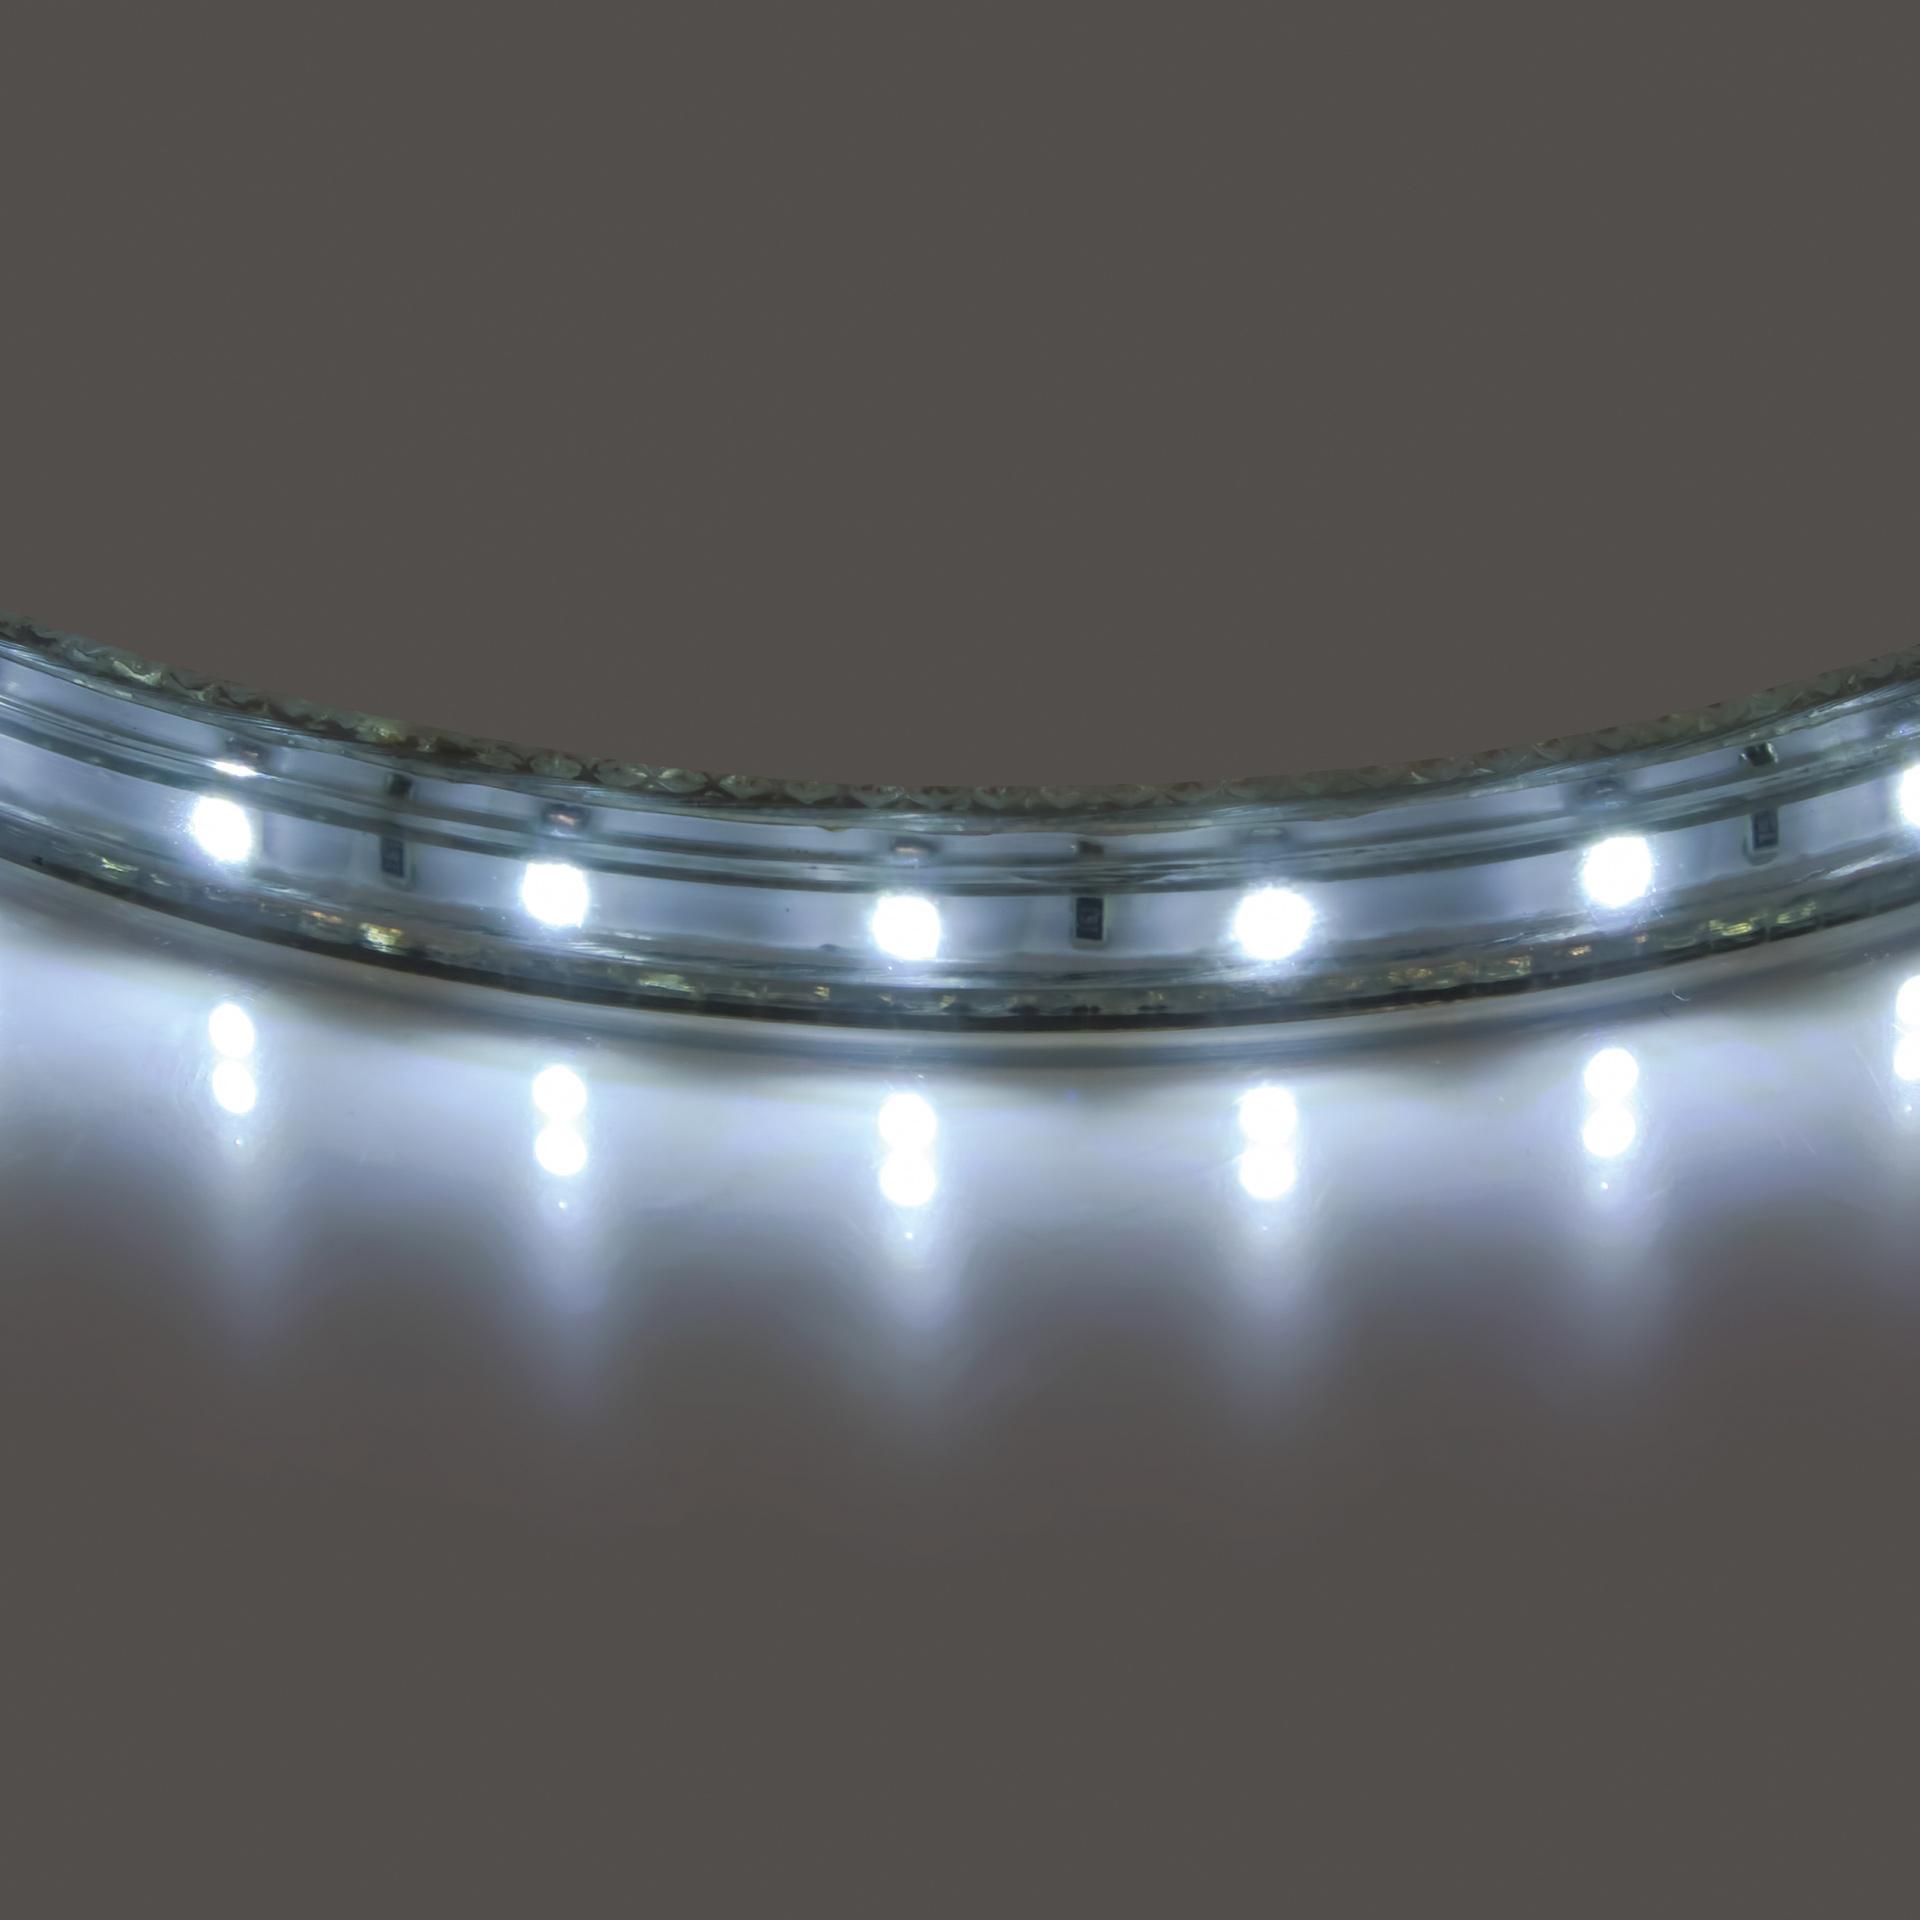 Лента 220V LED 4200-4500K нейтральный белый цвет Lightstar 402004, купить в СПб, Москве, с доставкой, Санкт-Петербург, интернет-магазин люстр и светильников Starlight, фото в жизни